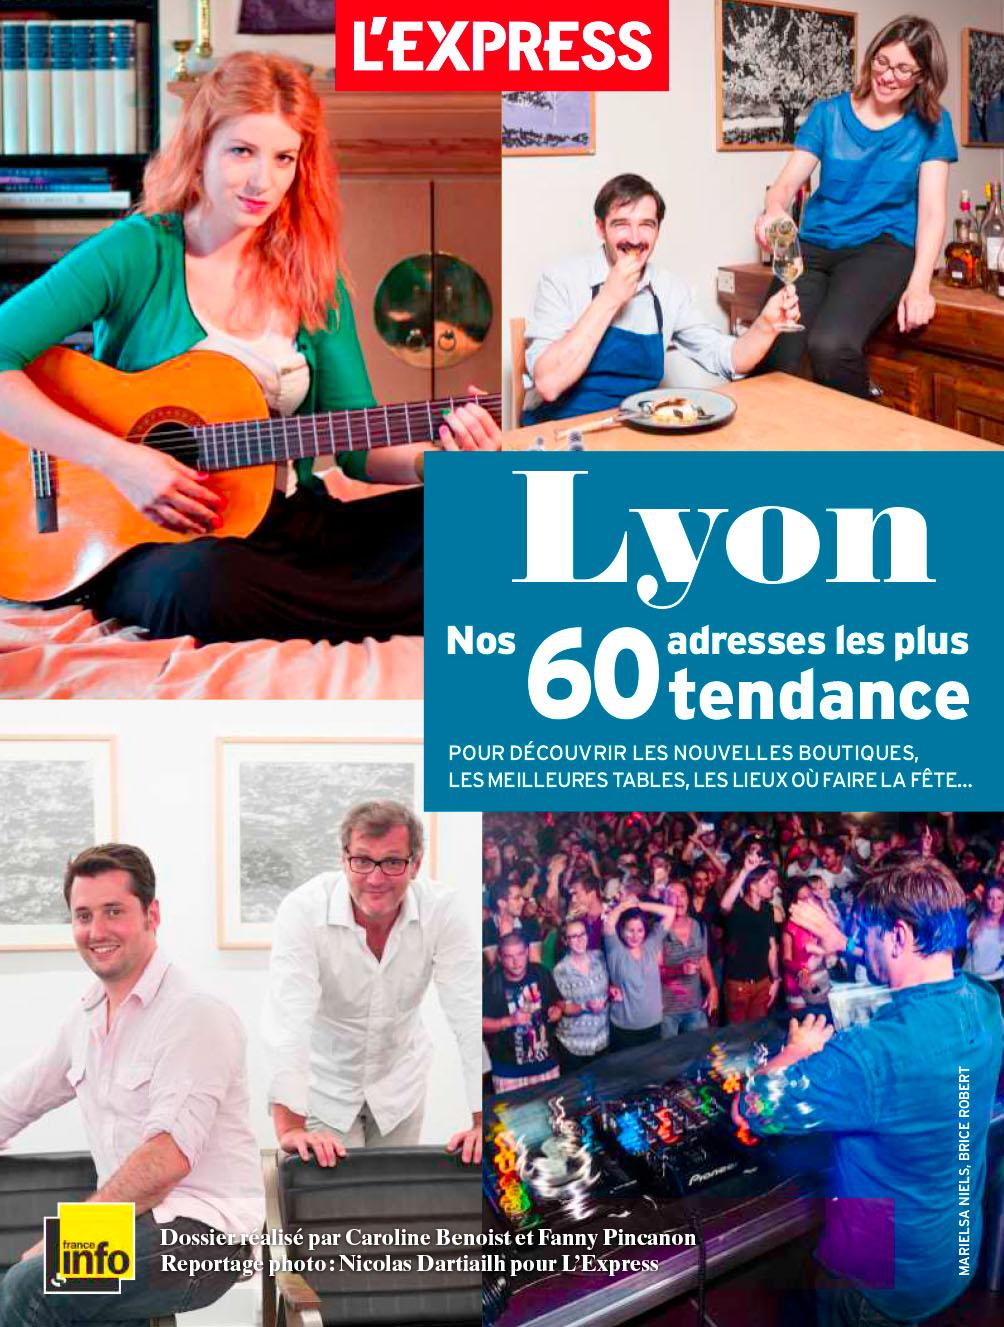 L'Express Tendance Lyon - 2013